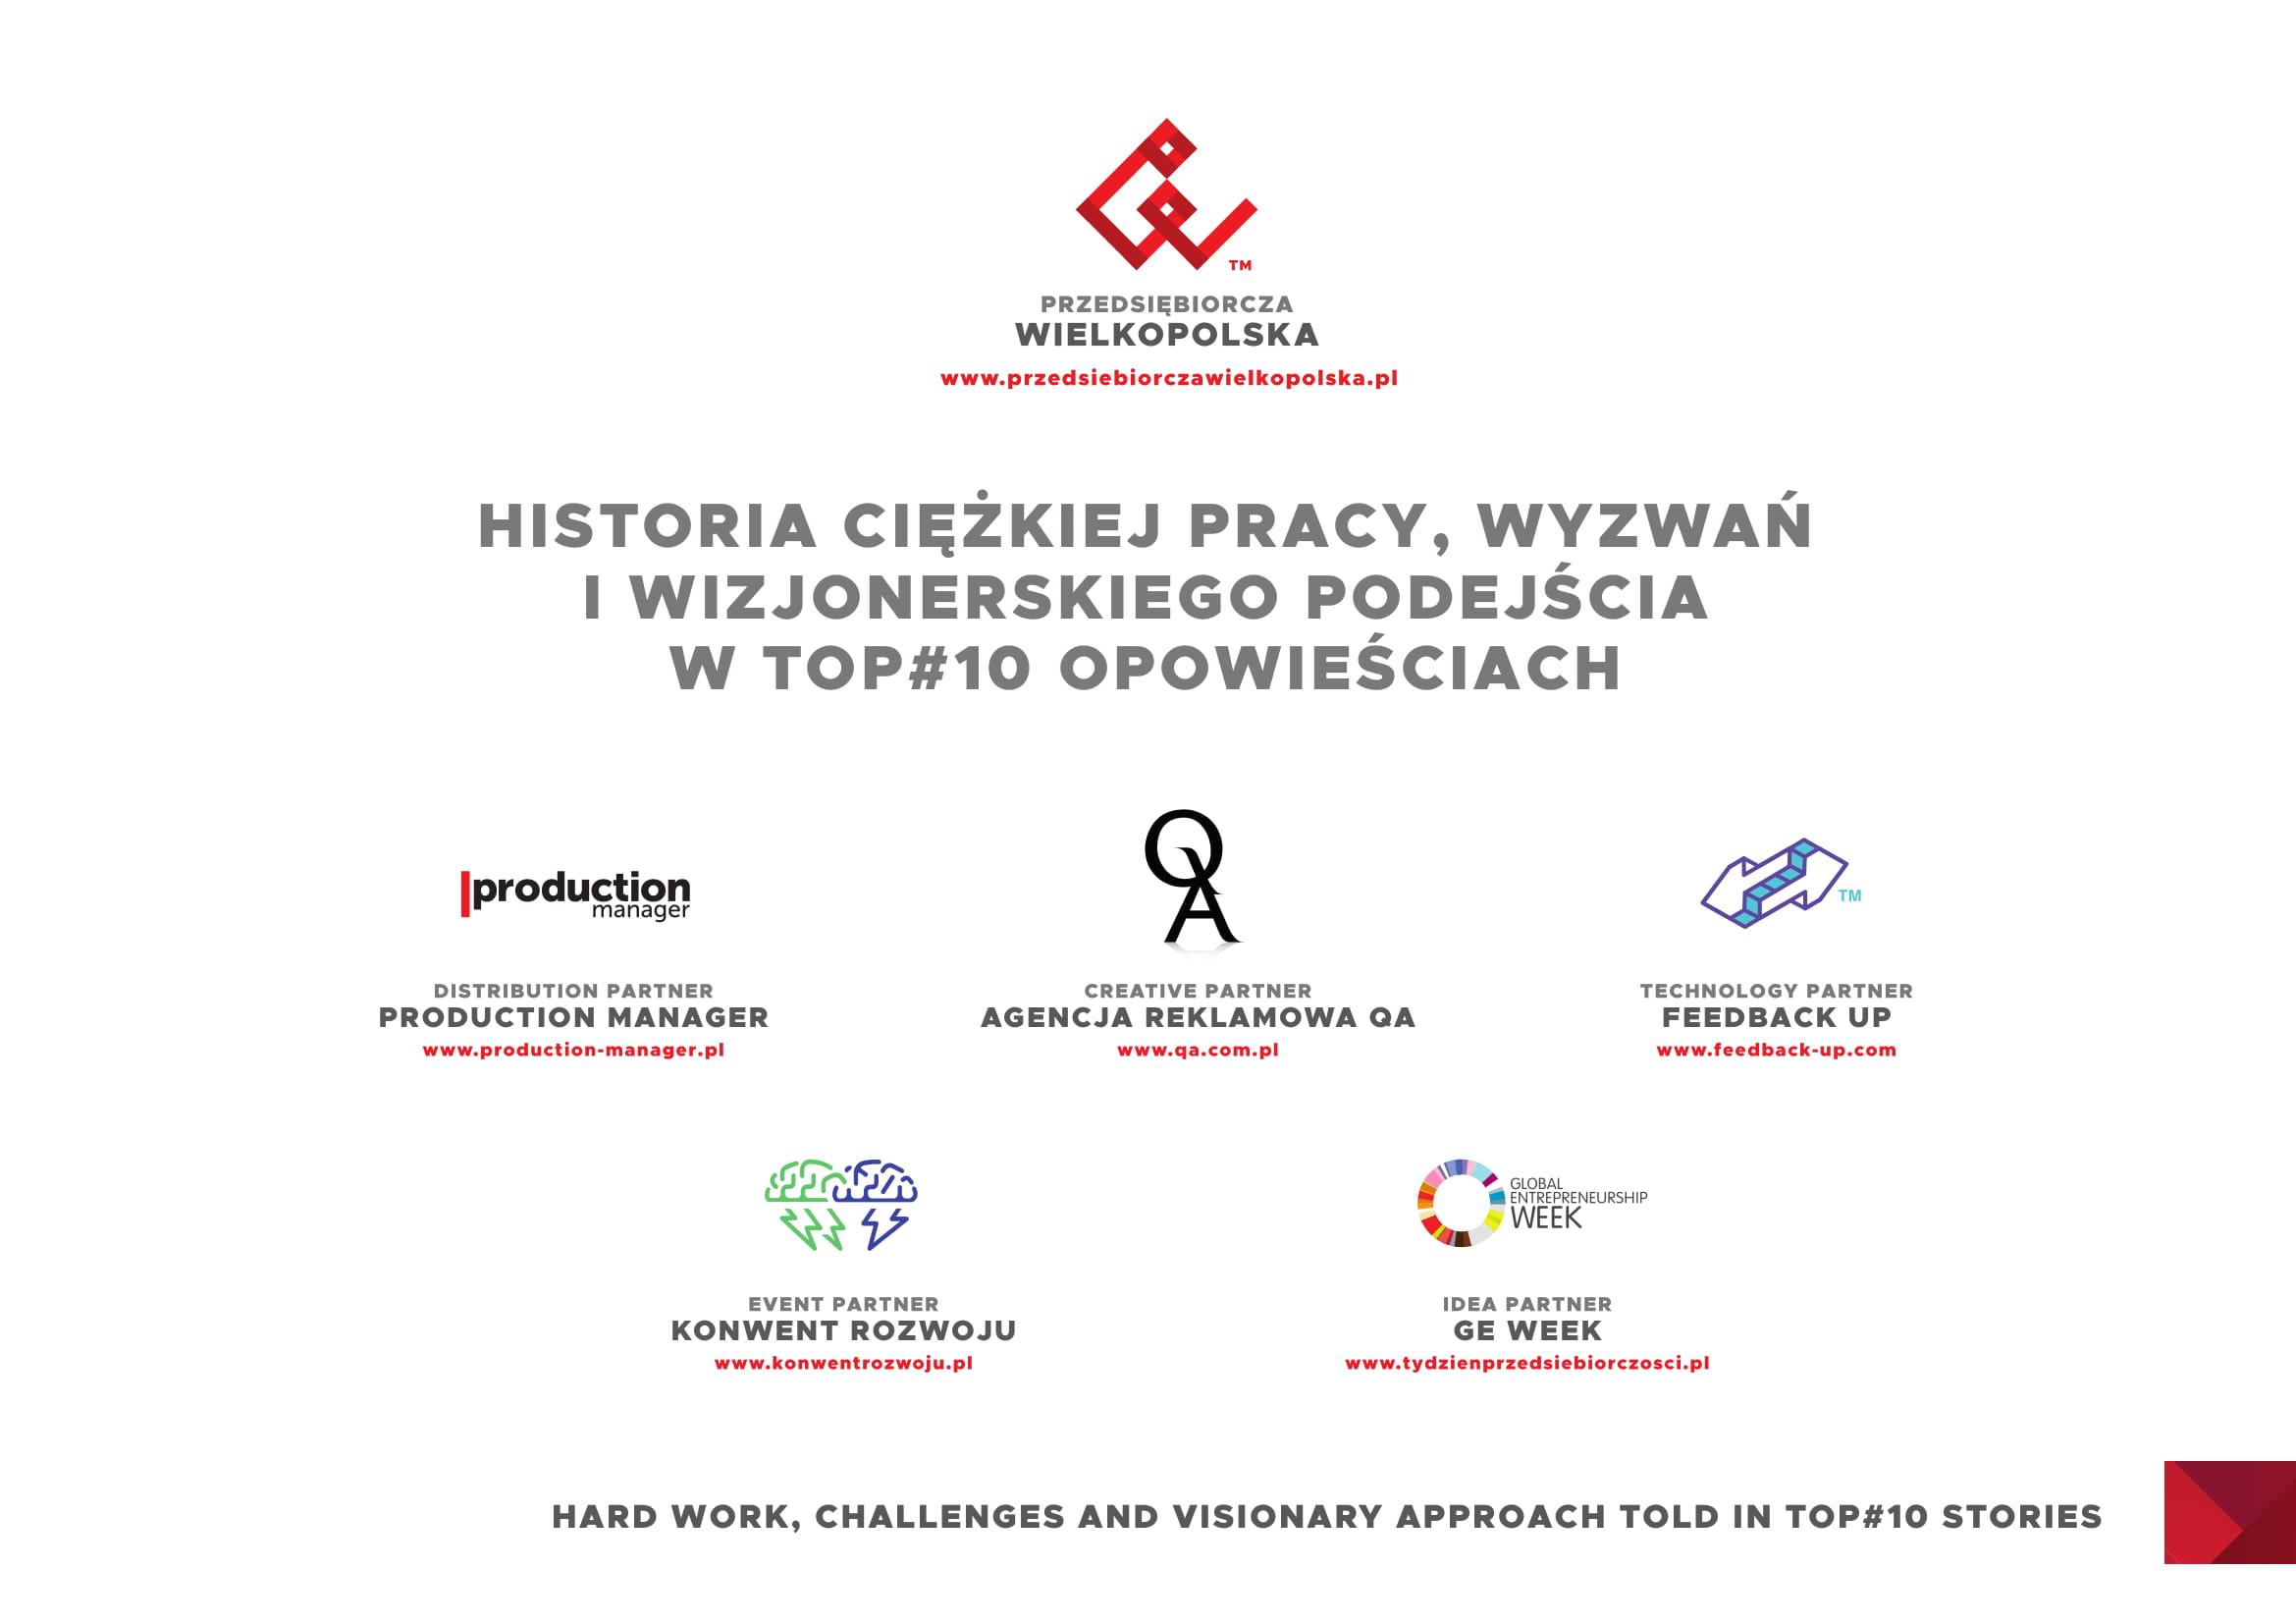 przedsiebiorcza wielkopolska historia ciezkiej pracy iwyzwan